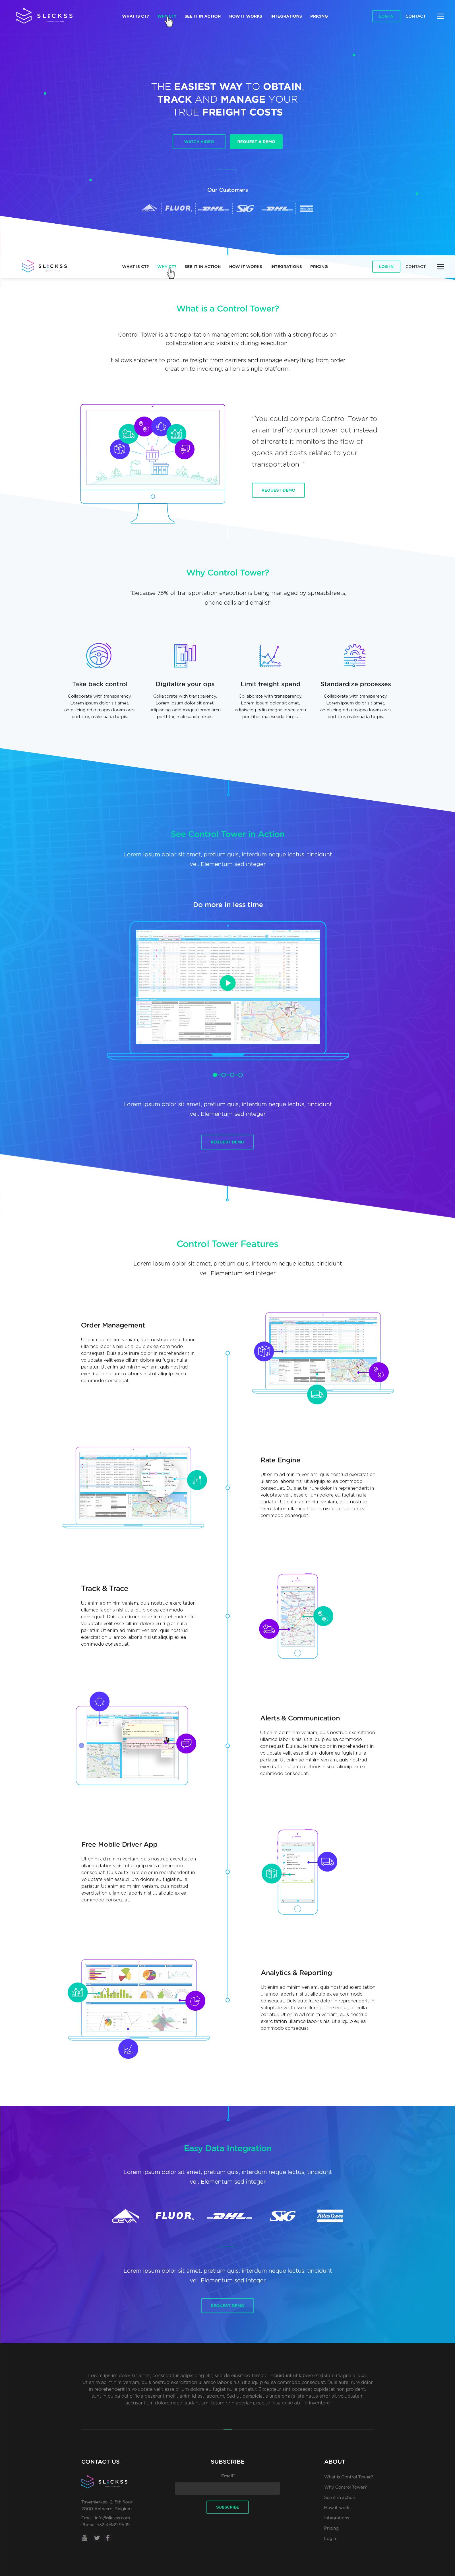 Slickss - extra webdesign